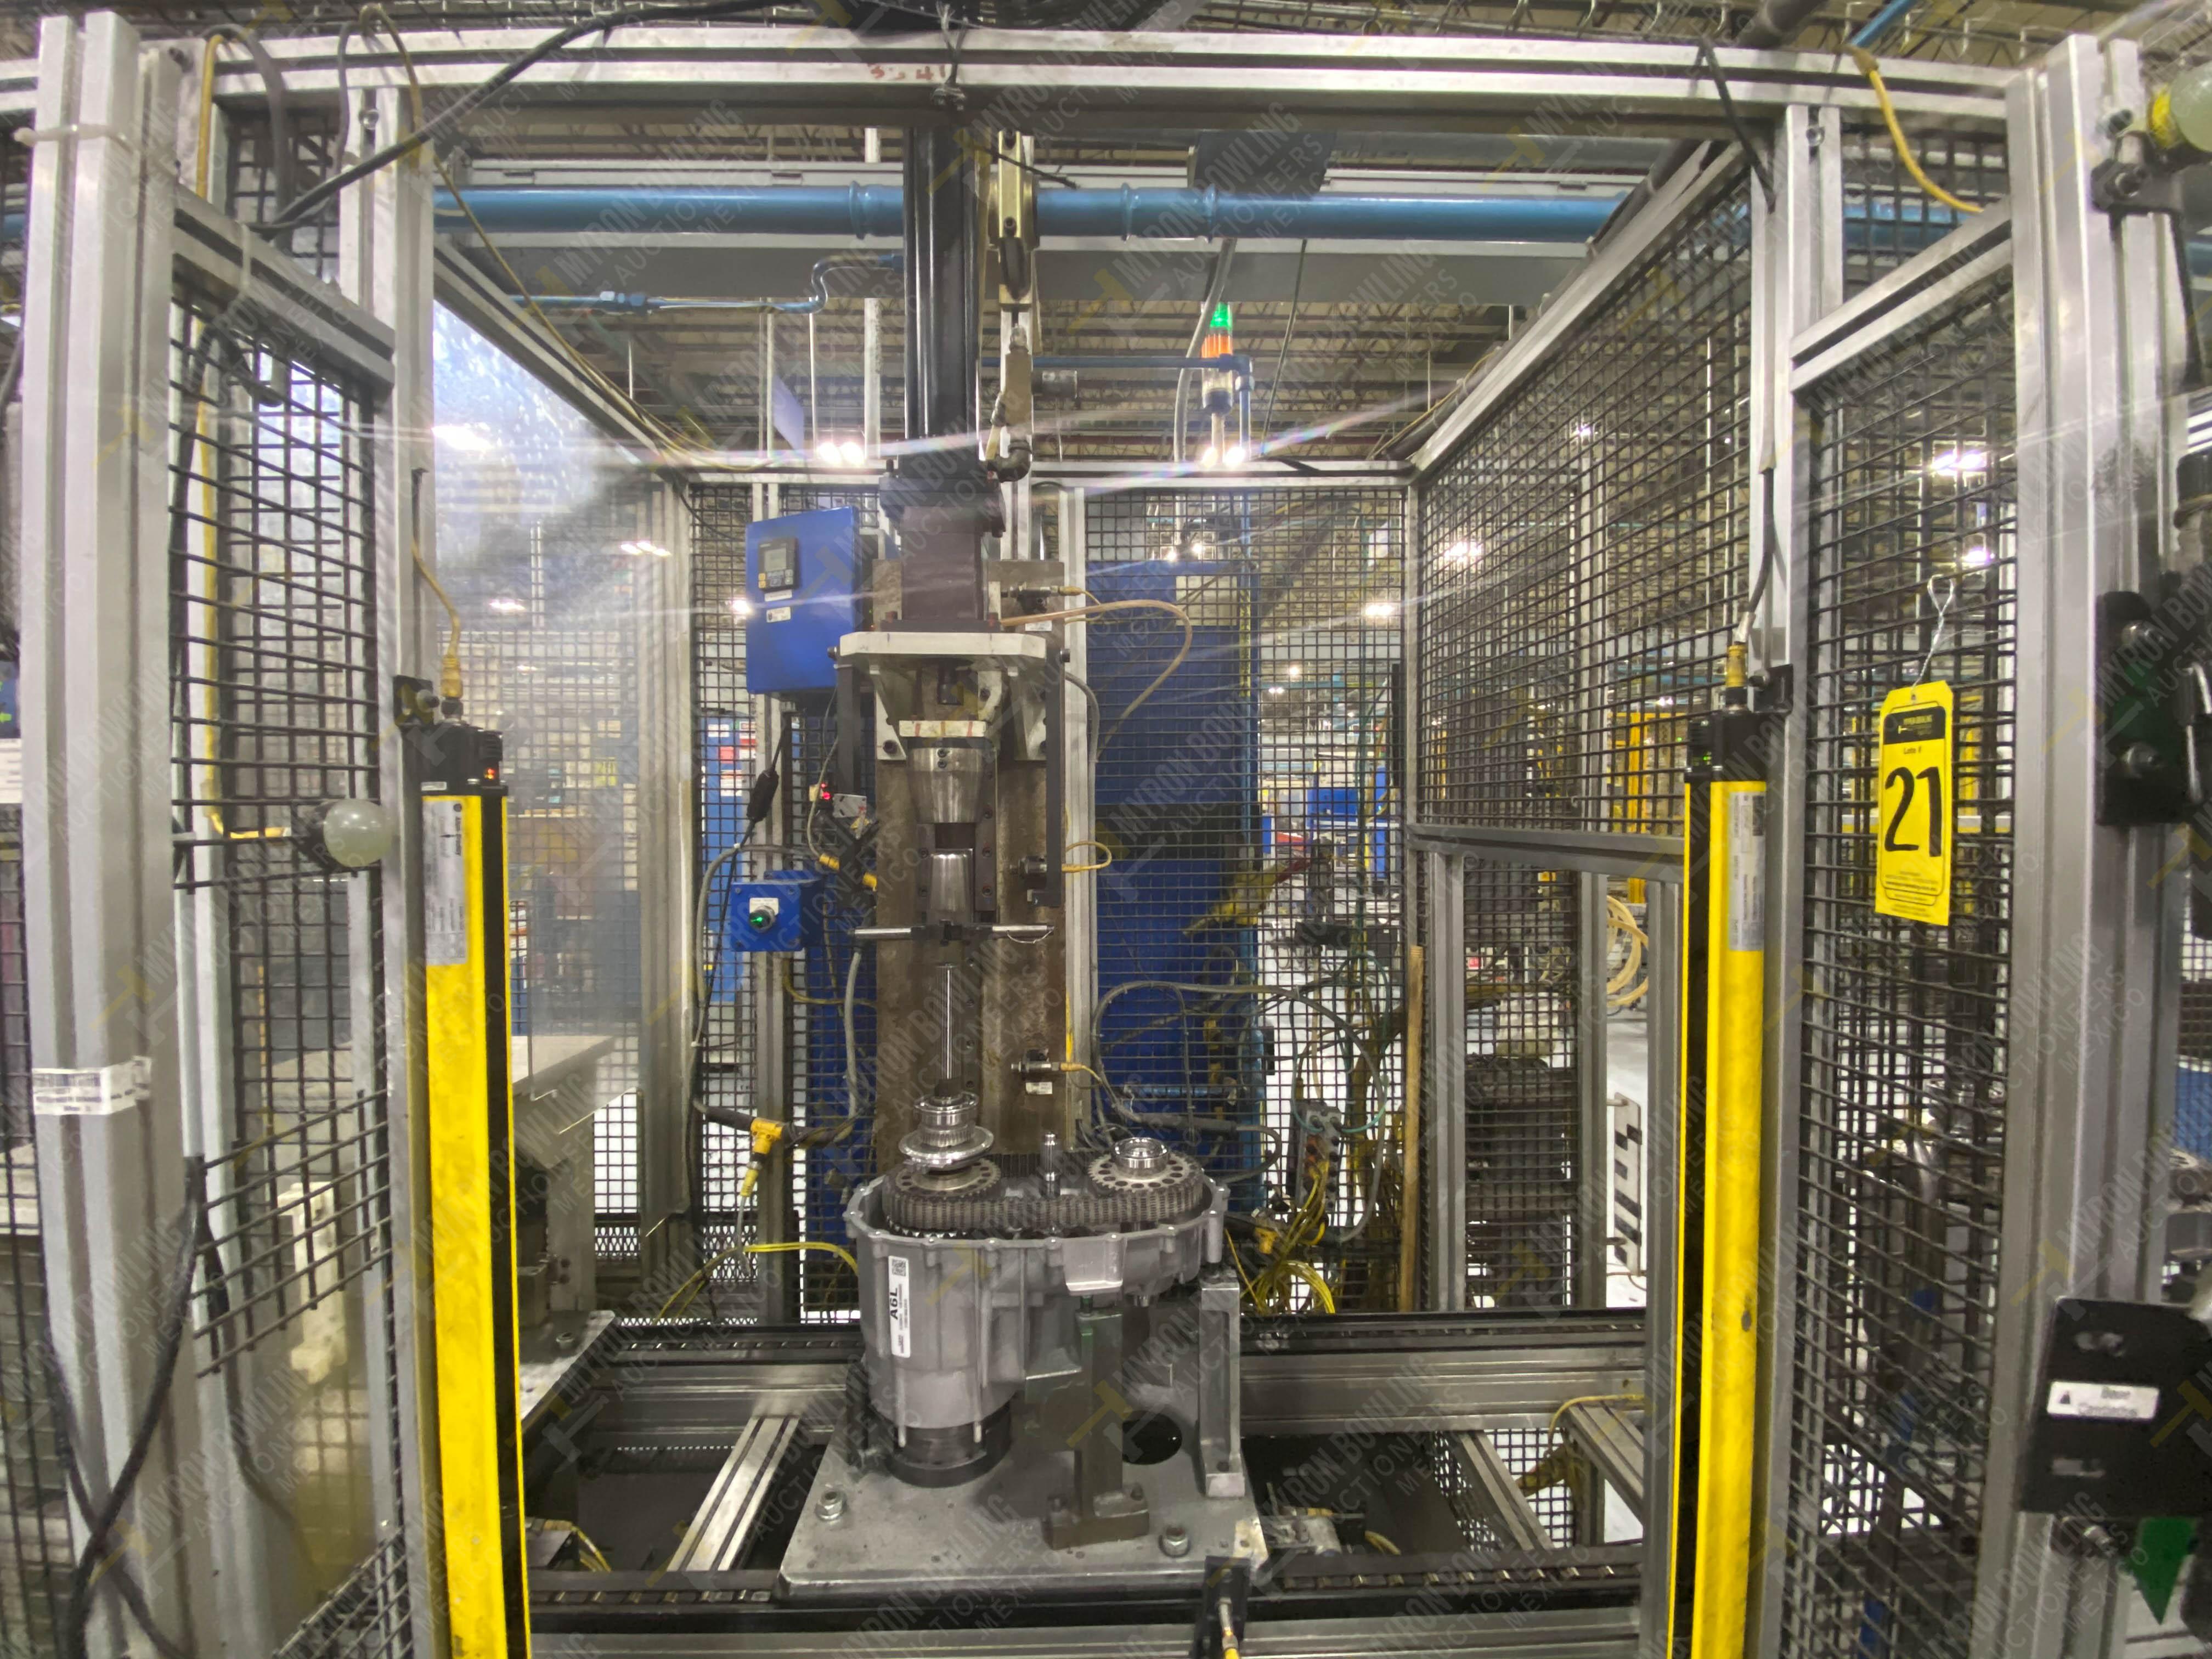 Estación semiautomática para operación 341, contiene: Prensa en estructura de placa de acero - Image 6 of 26